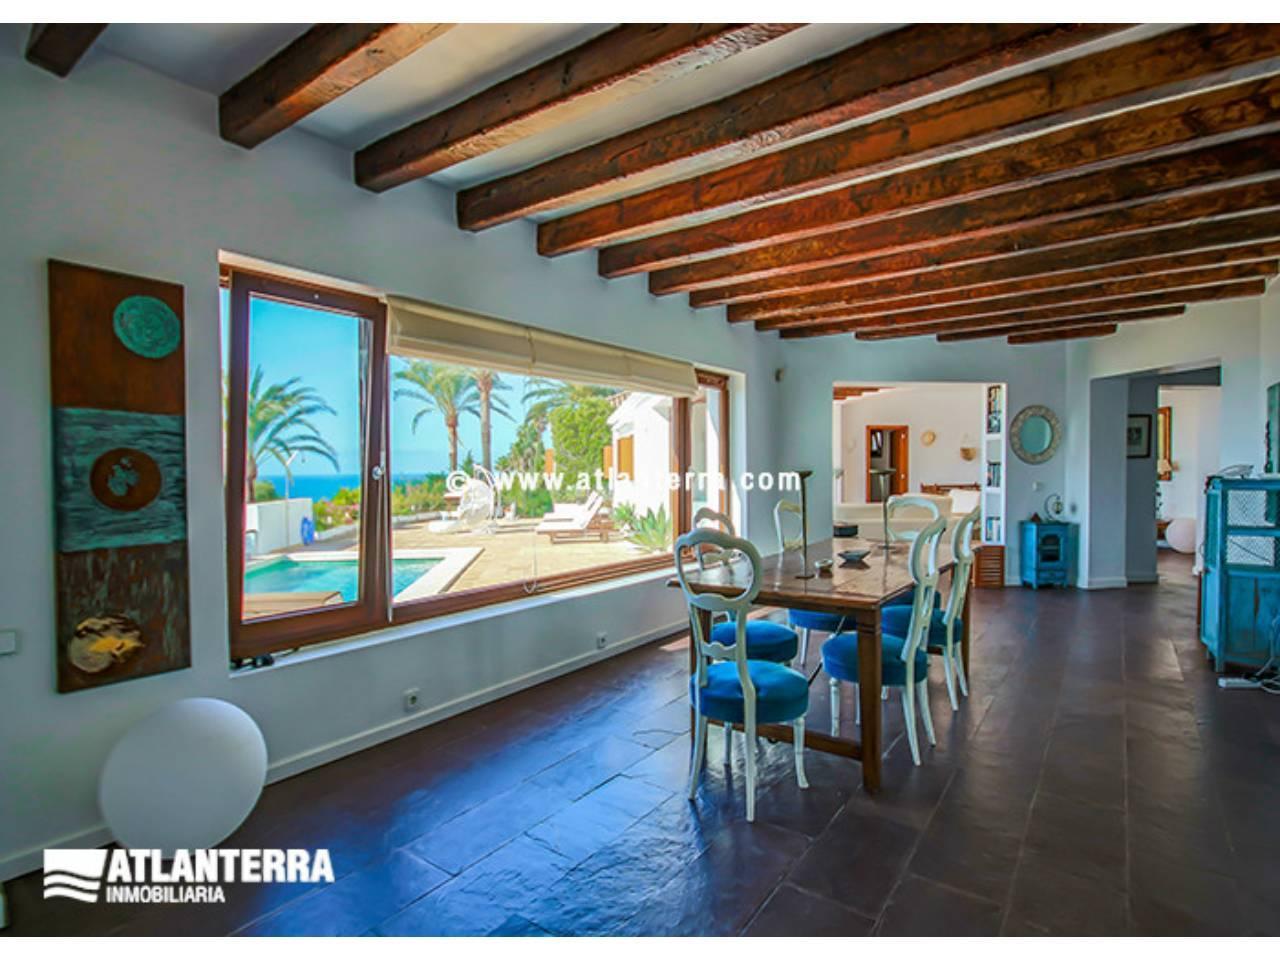 25885350 3170057 foto 687122 - Estilo rústico, privacidad y vistas maravillosas en esta villa en Zahara de los Atunes (Cádiz)